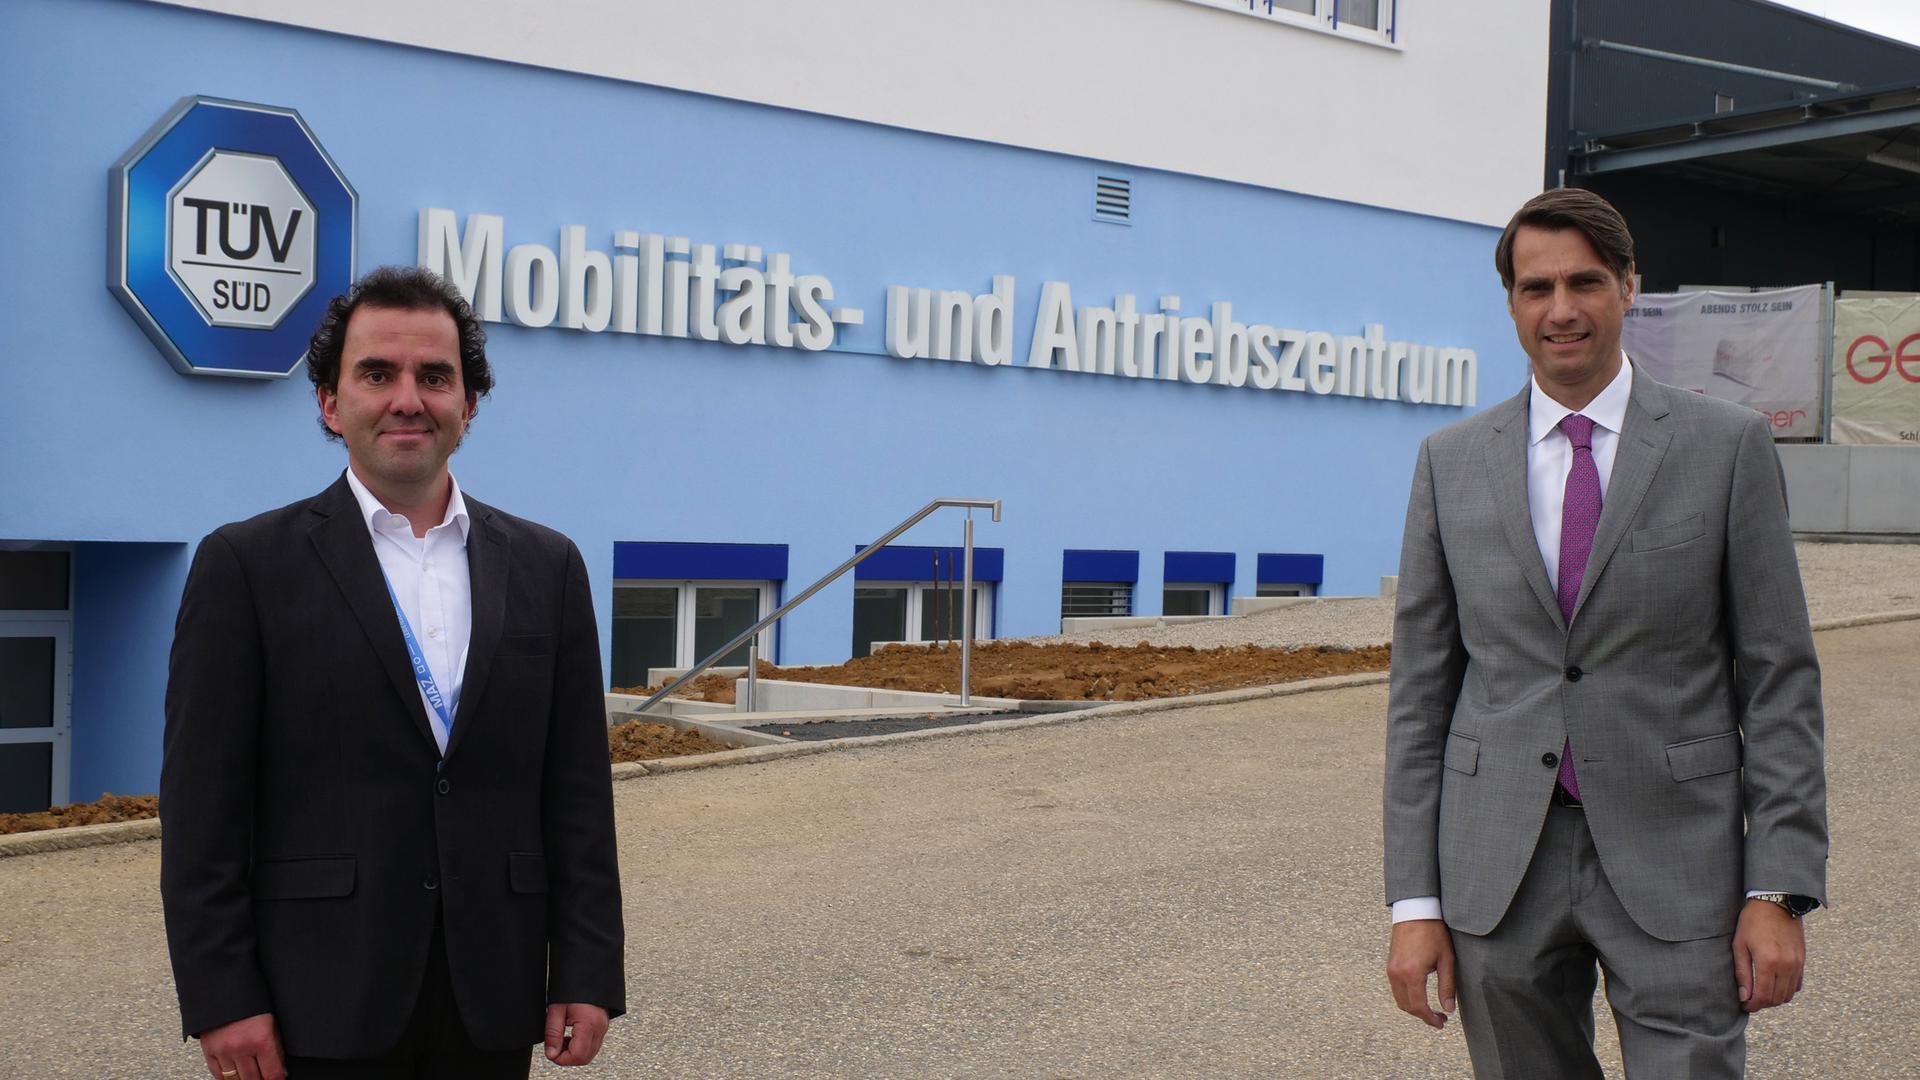 Pascal Mast (links) und Patrick Fruth  vor dem neuen TÜV Süd